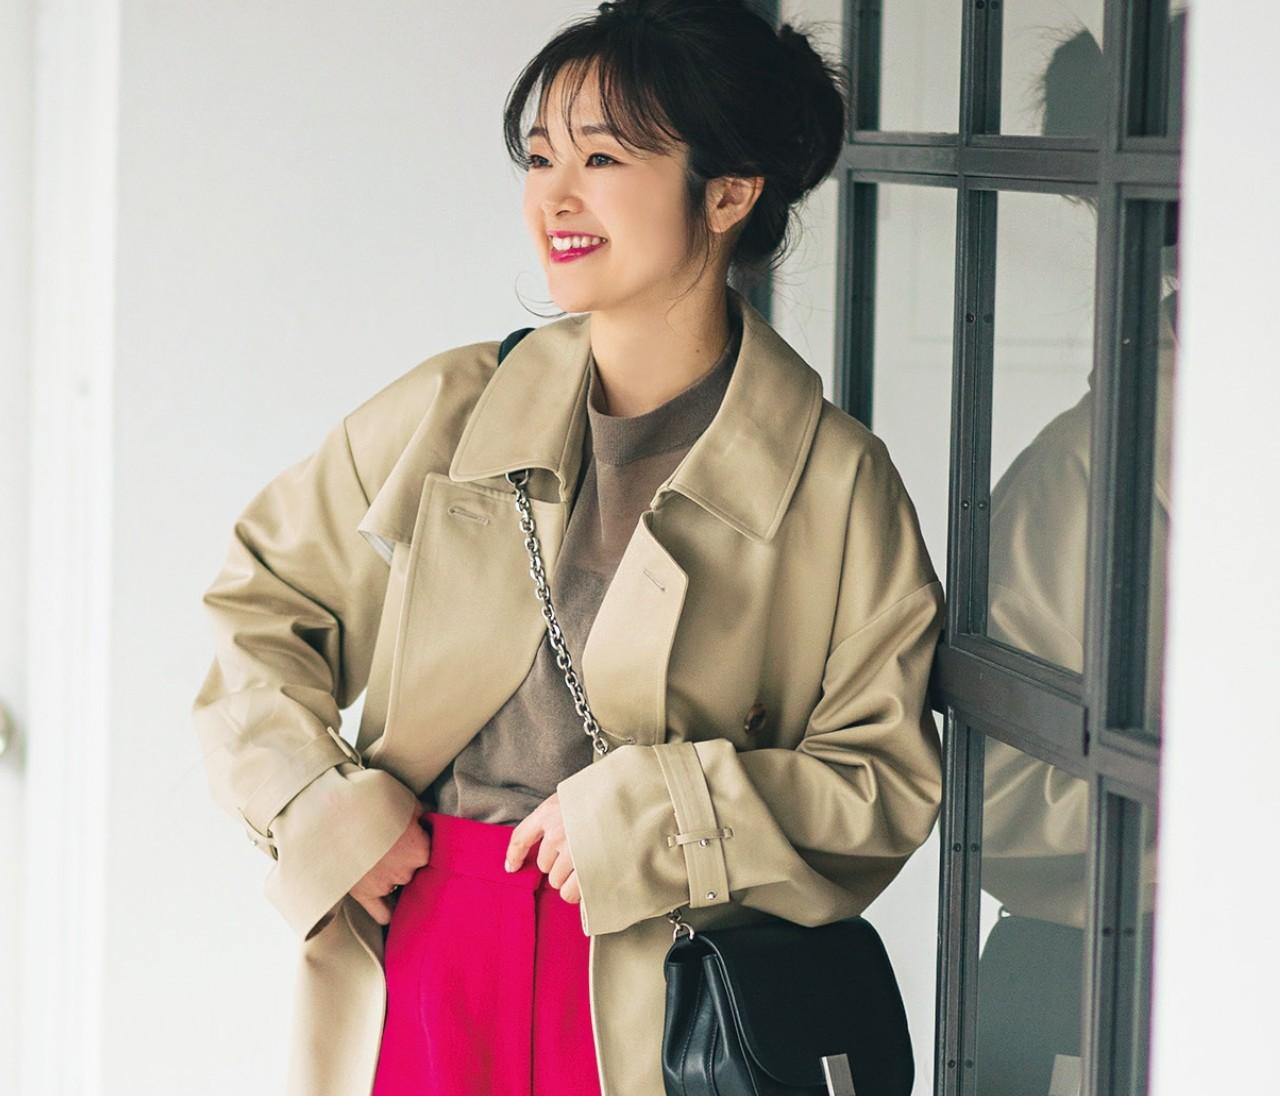 【おしゃれプロの愛用トレンチ】スタイリスト吉村友希さんはビビットなカラーパンツで色遊び♡